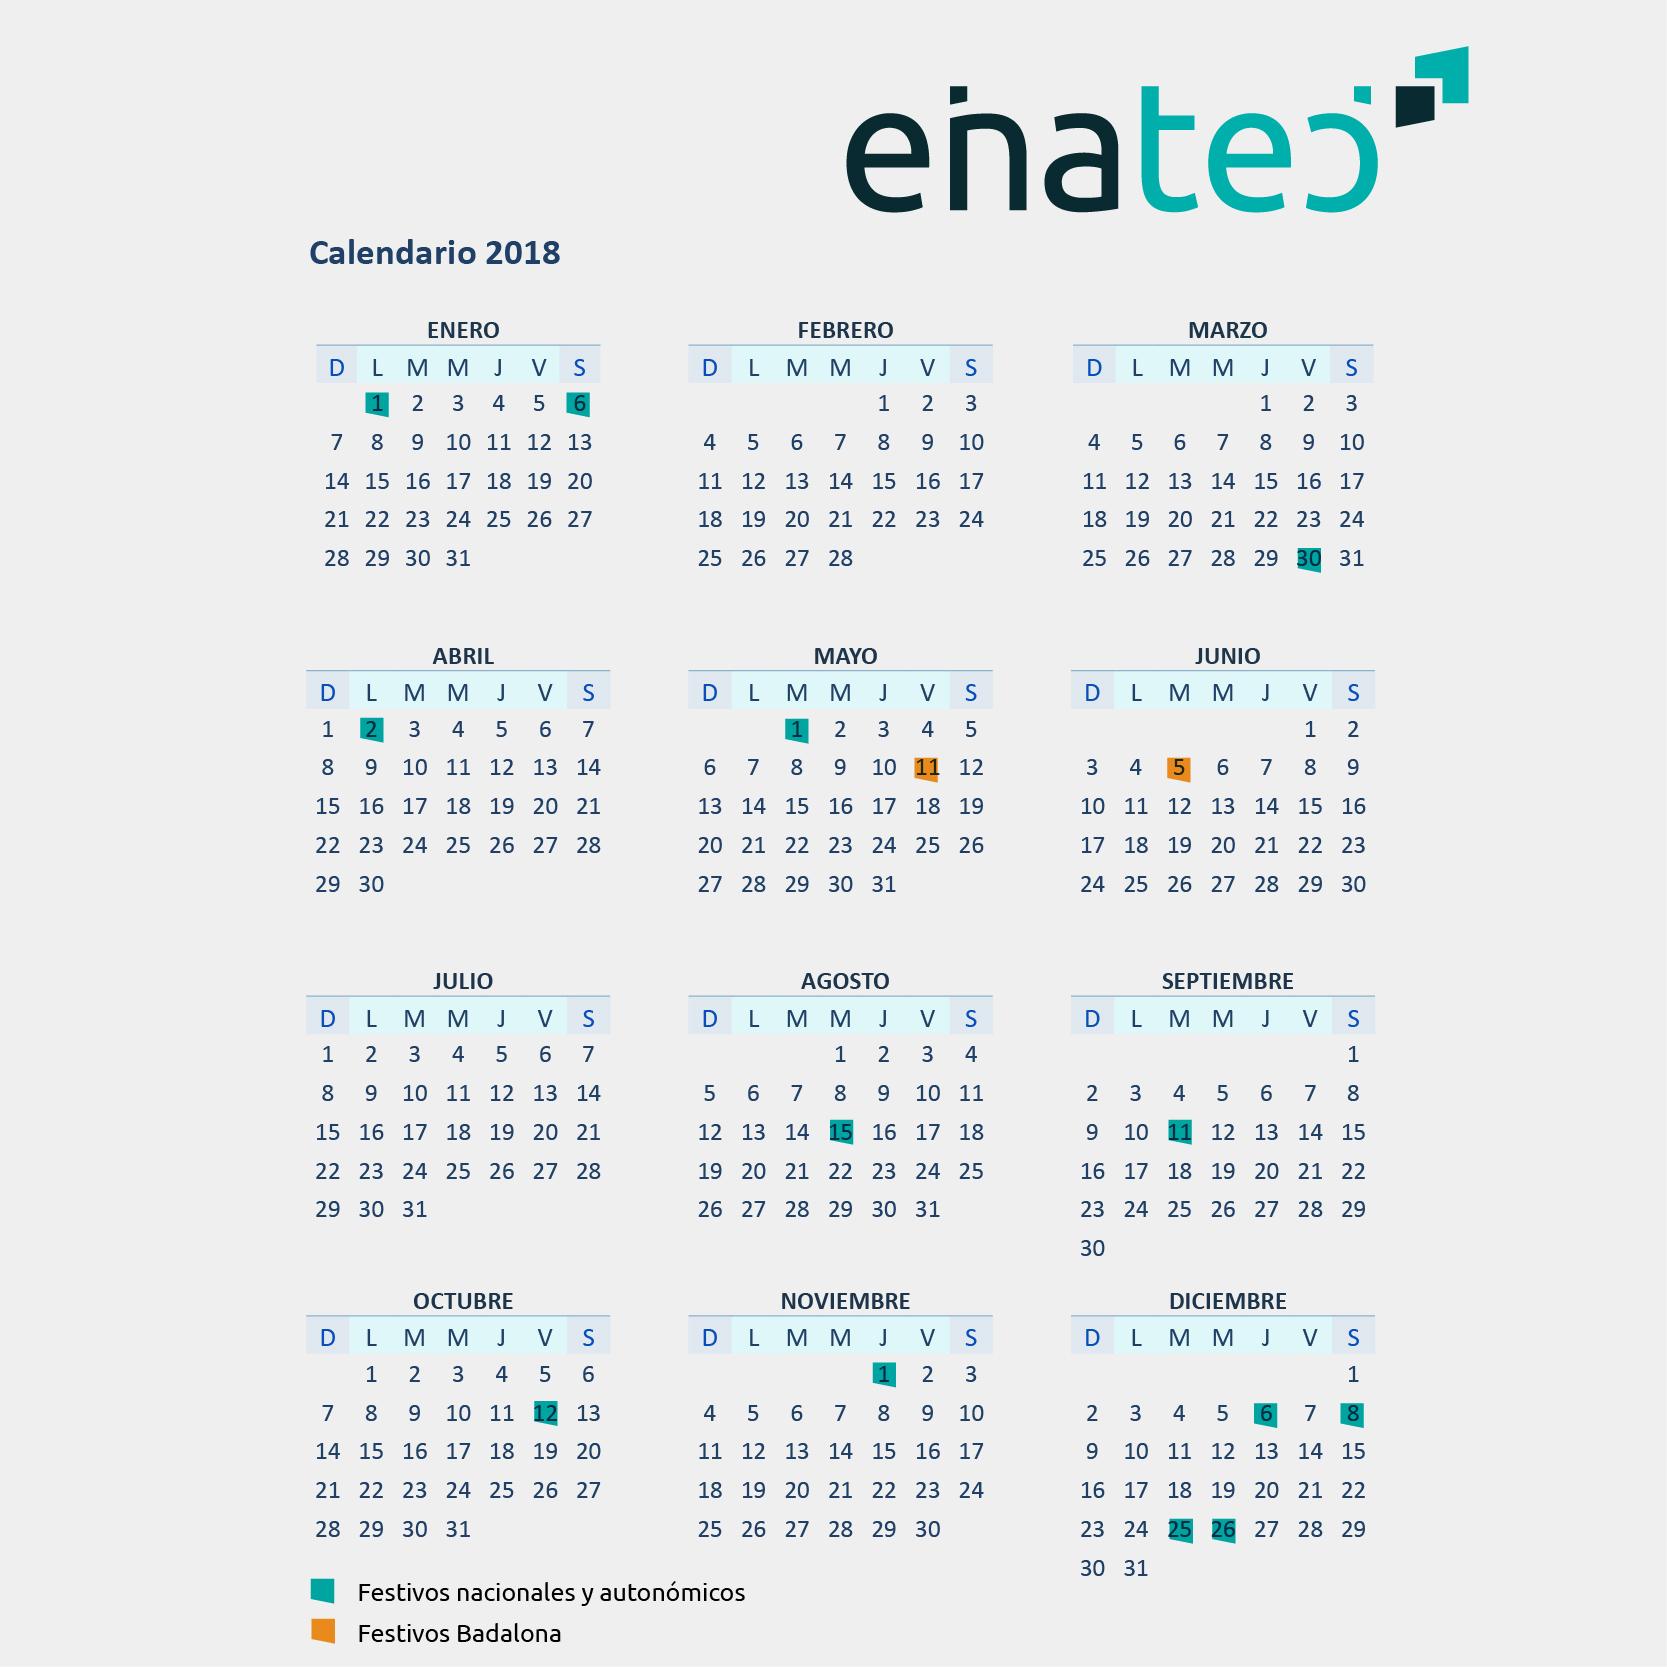 Calendario Laboral De Cataluna.Calendario Laboral Del 2018 En Catalunya Y Badalona